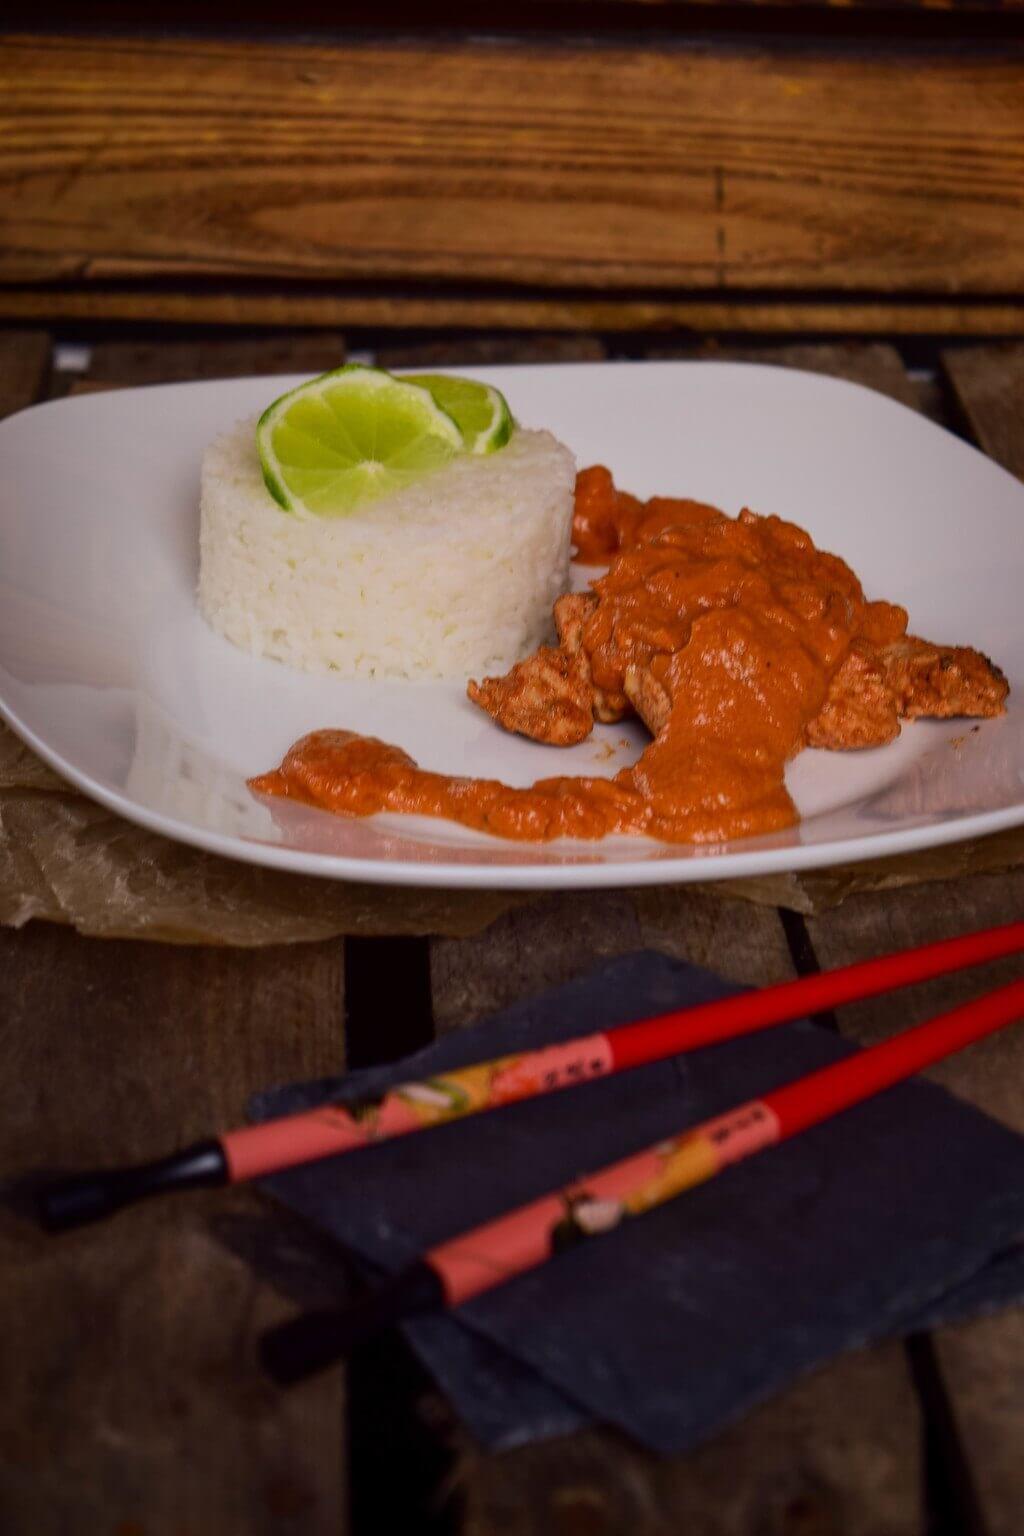 tandoori chicken rezept joghurt beliebte gerichte und rezepte foto blog. Black Bedroom Furniture Sets. Home Design Ideas